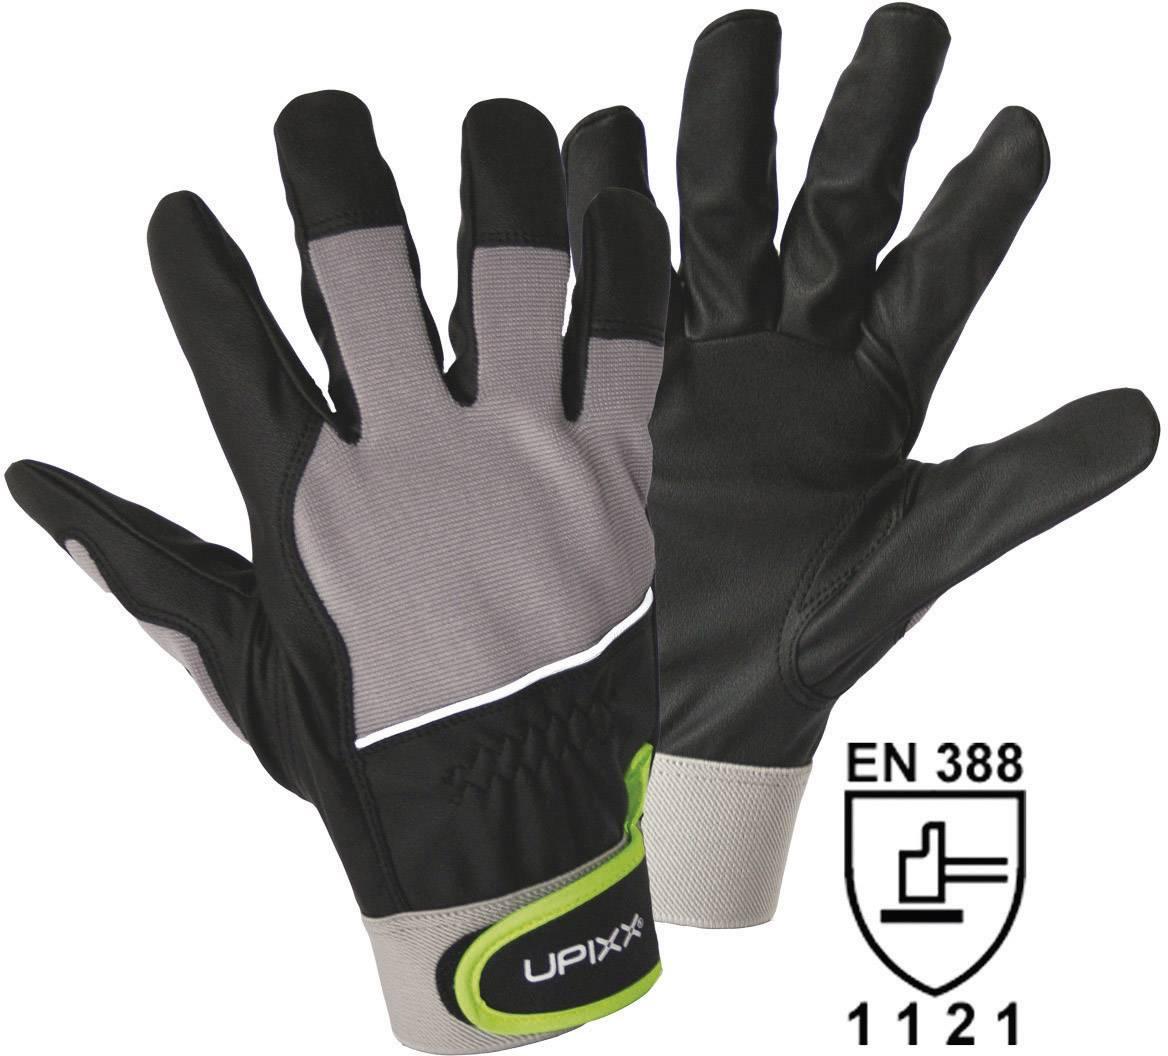 Pracovní rukavice Upixx Touch Grip 1190, velikost rukavic: 8, M